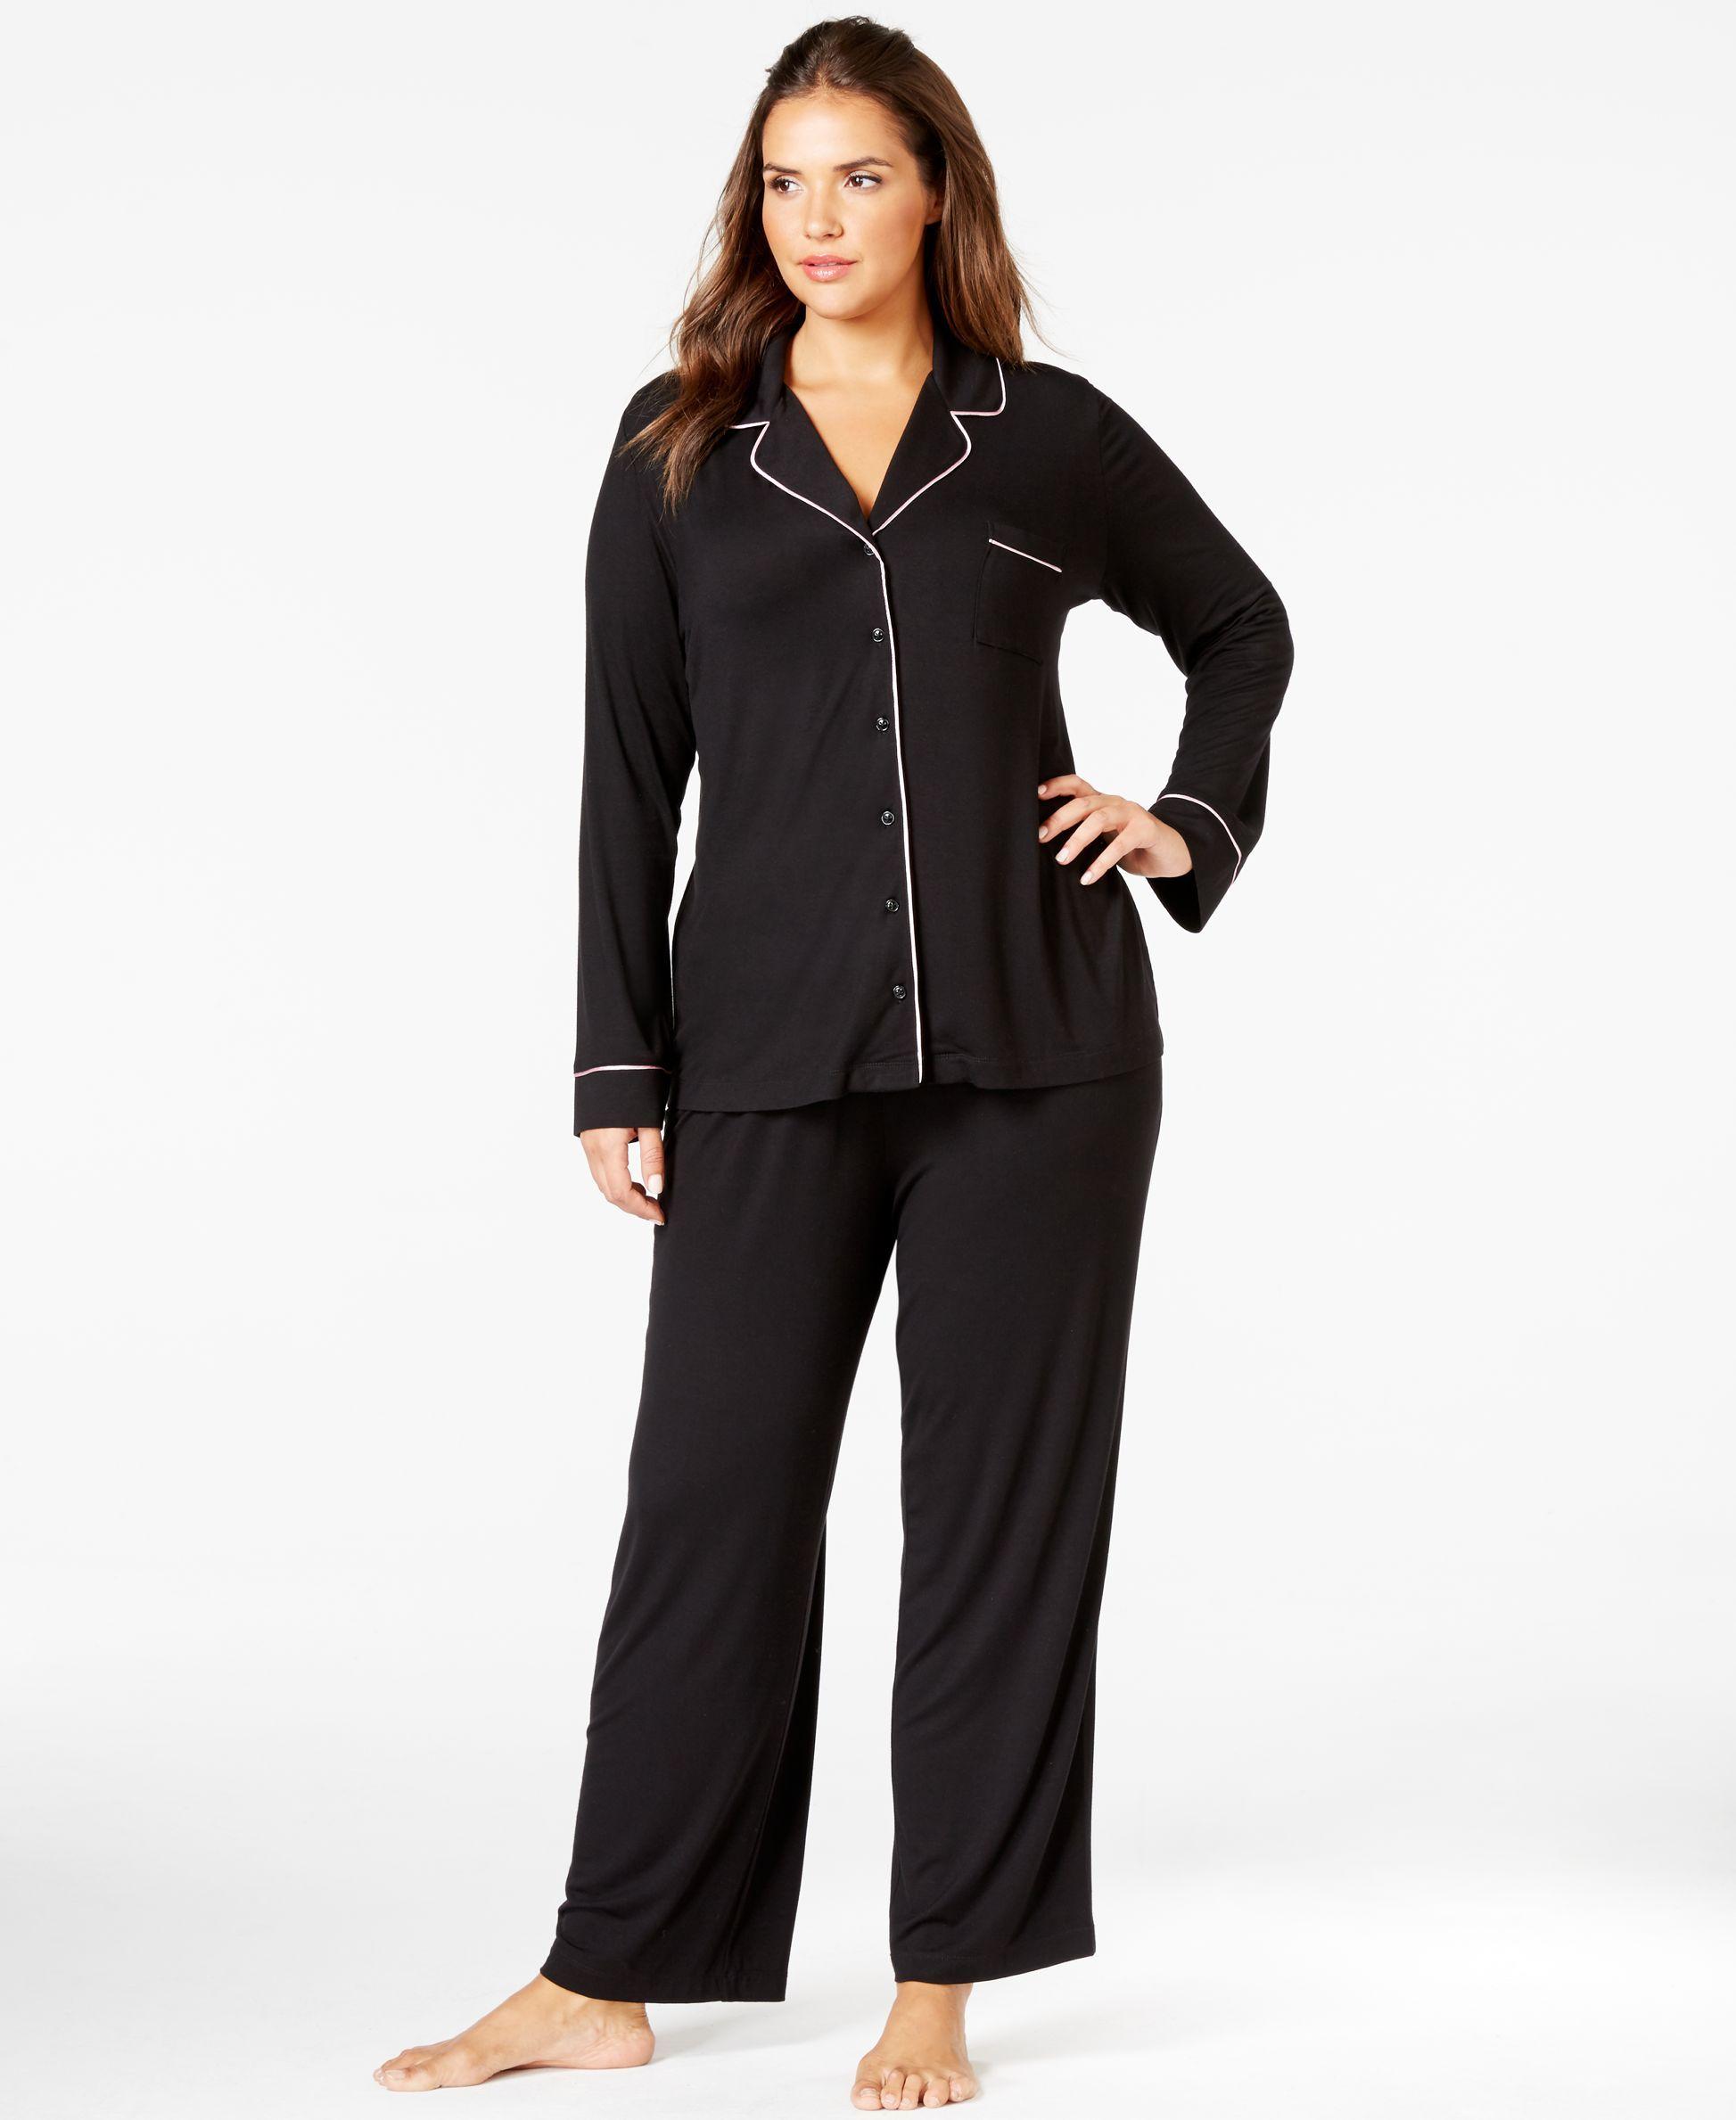 Alfani Plus Size Top and Pajama Pants Set